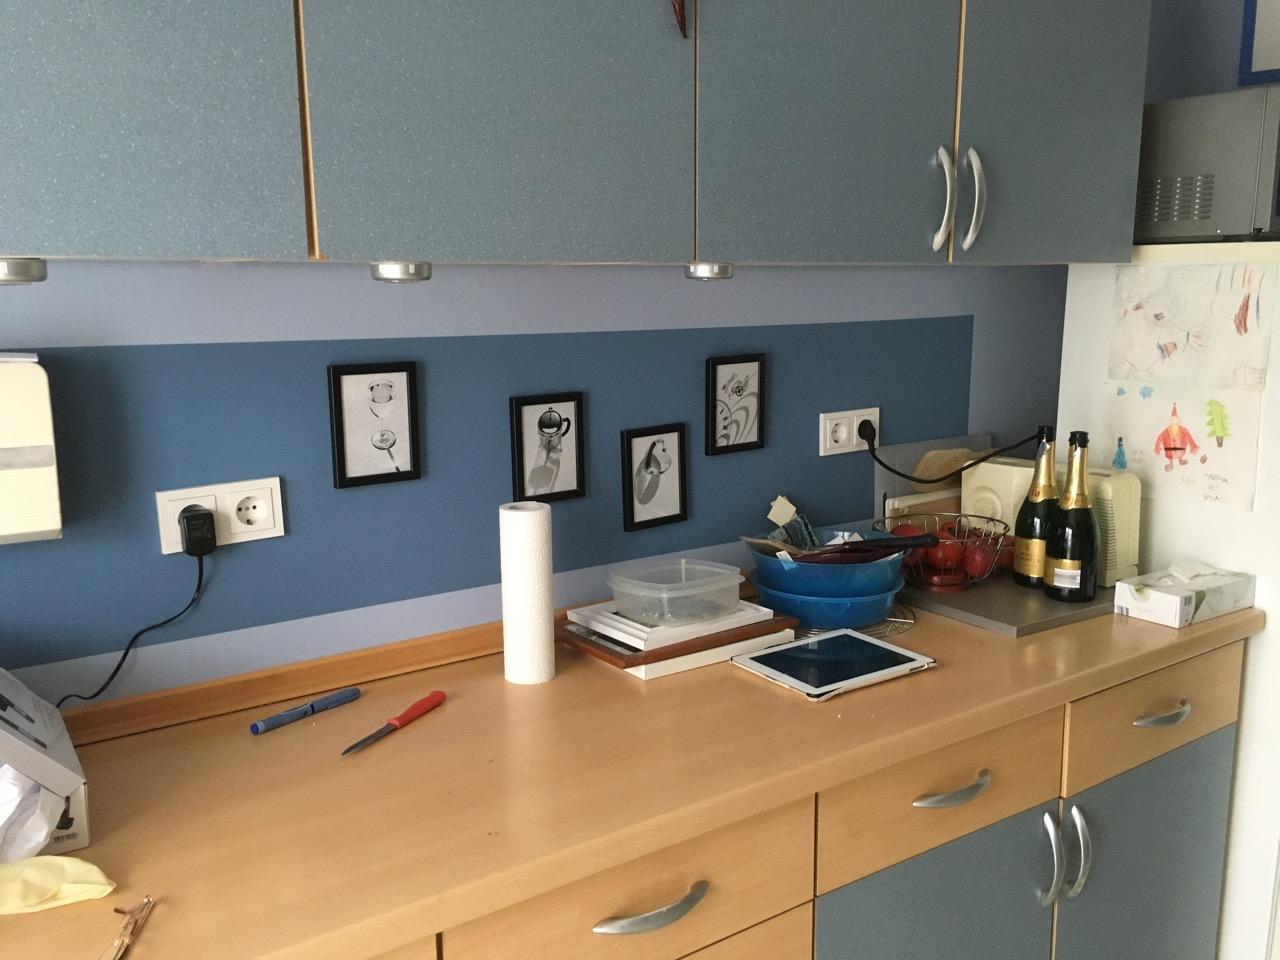 Gestaltung einer Küchenwand - Malermeisterbetrieb Timo Blender